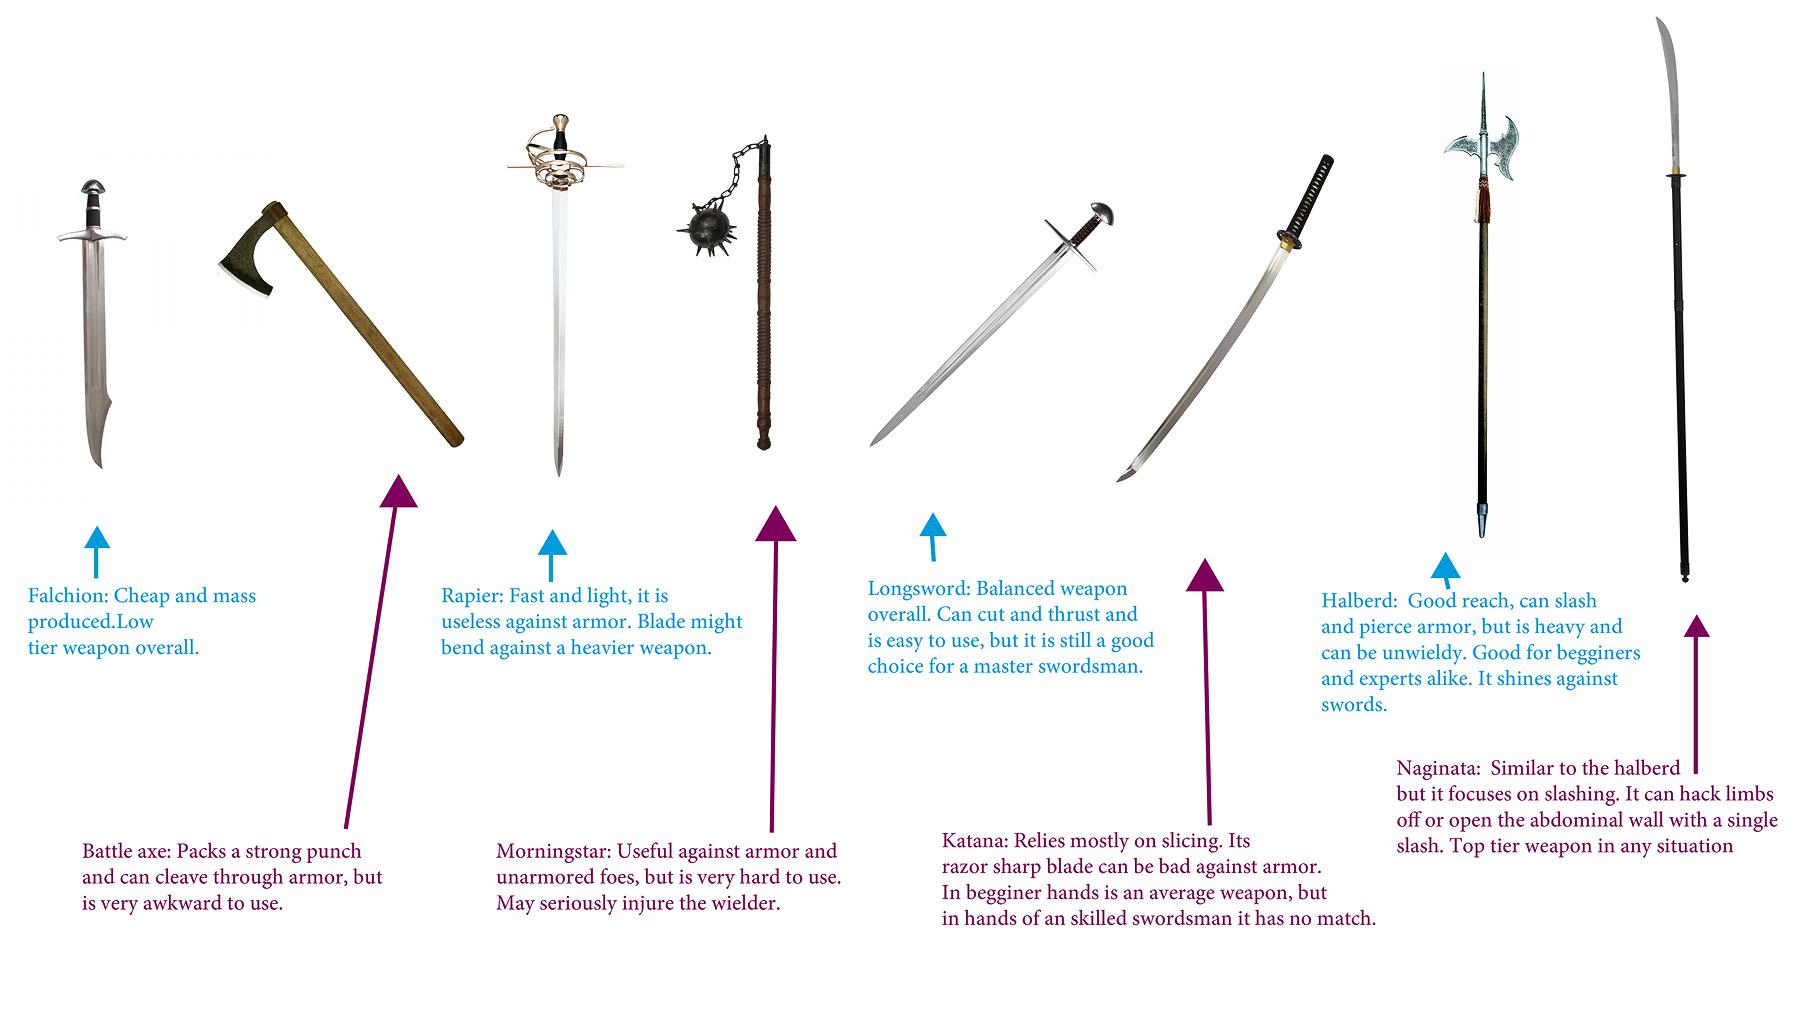 Weapons comparison